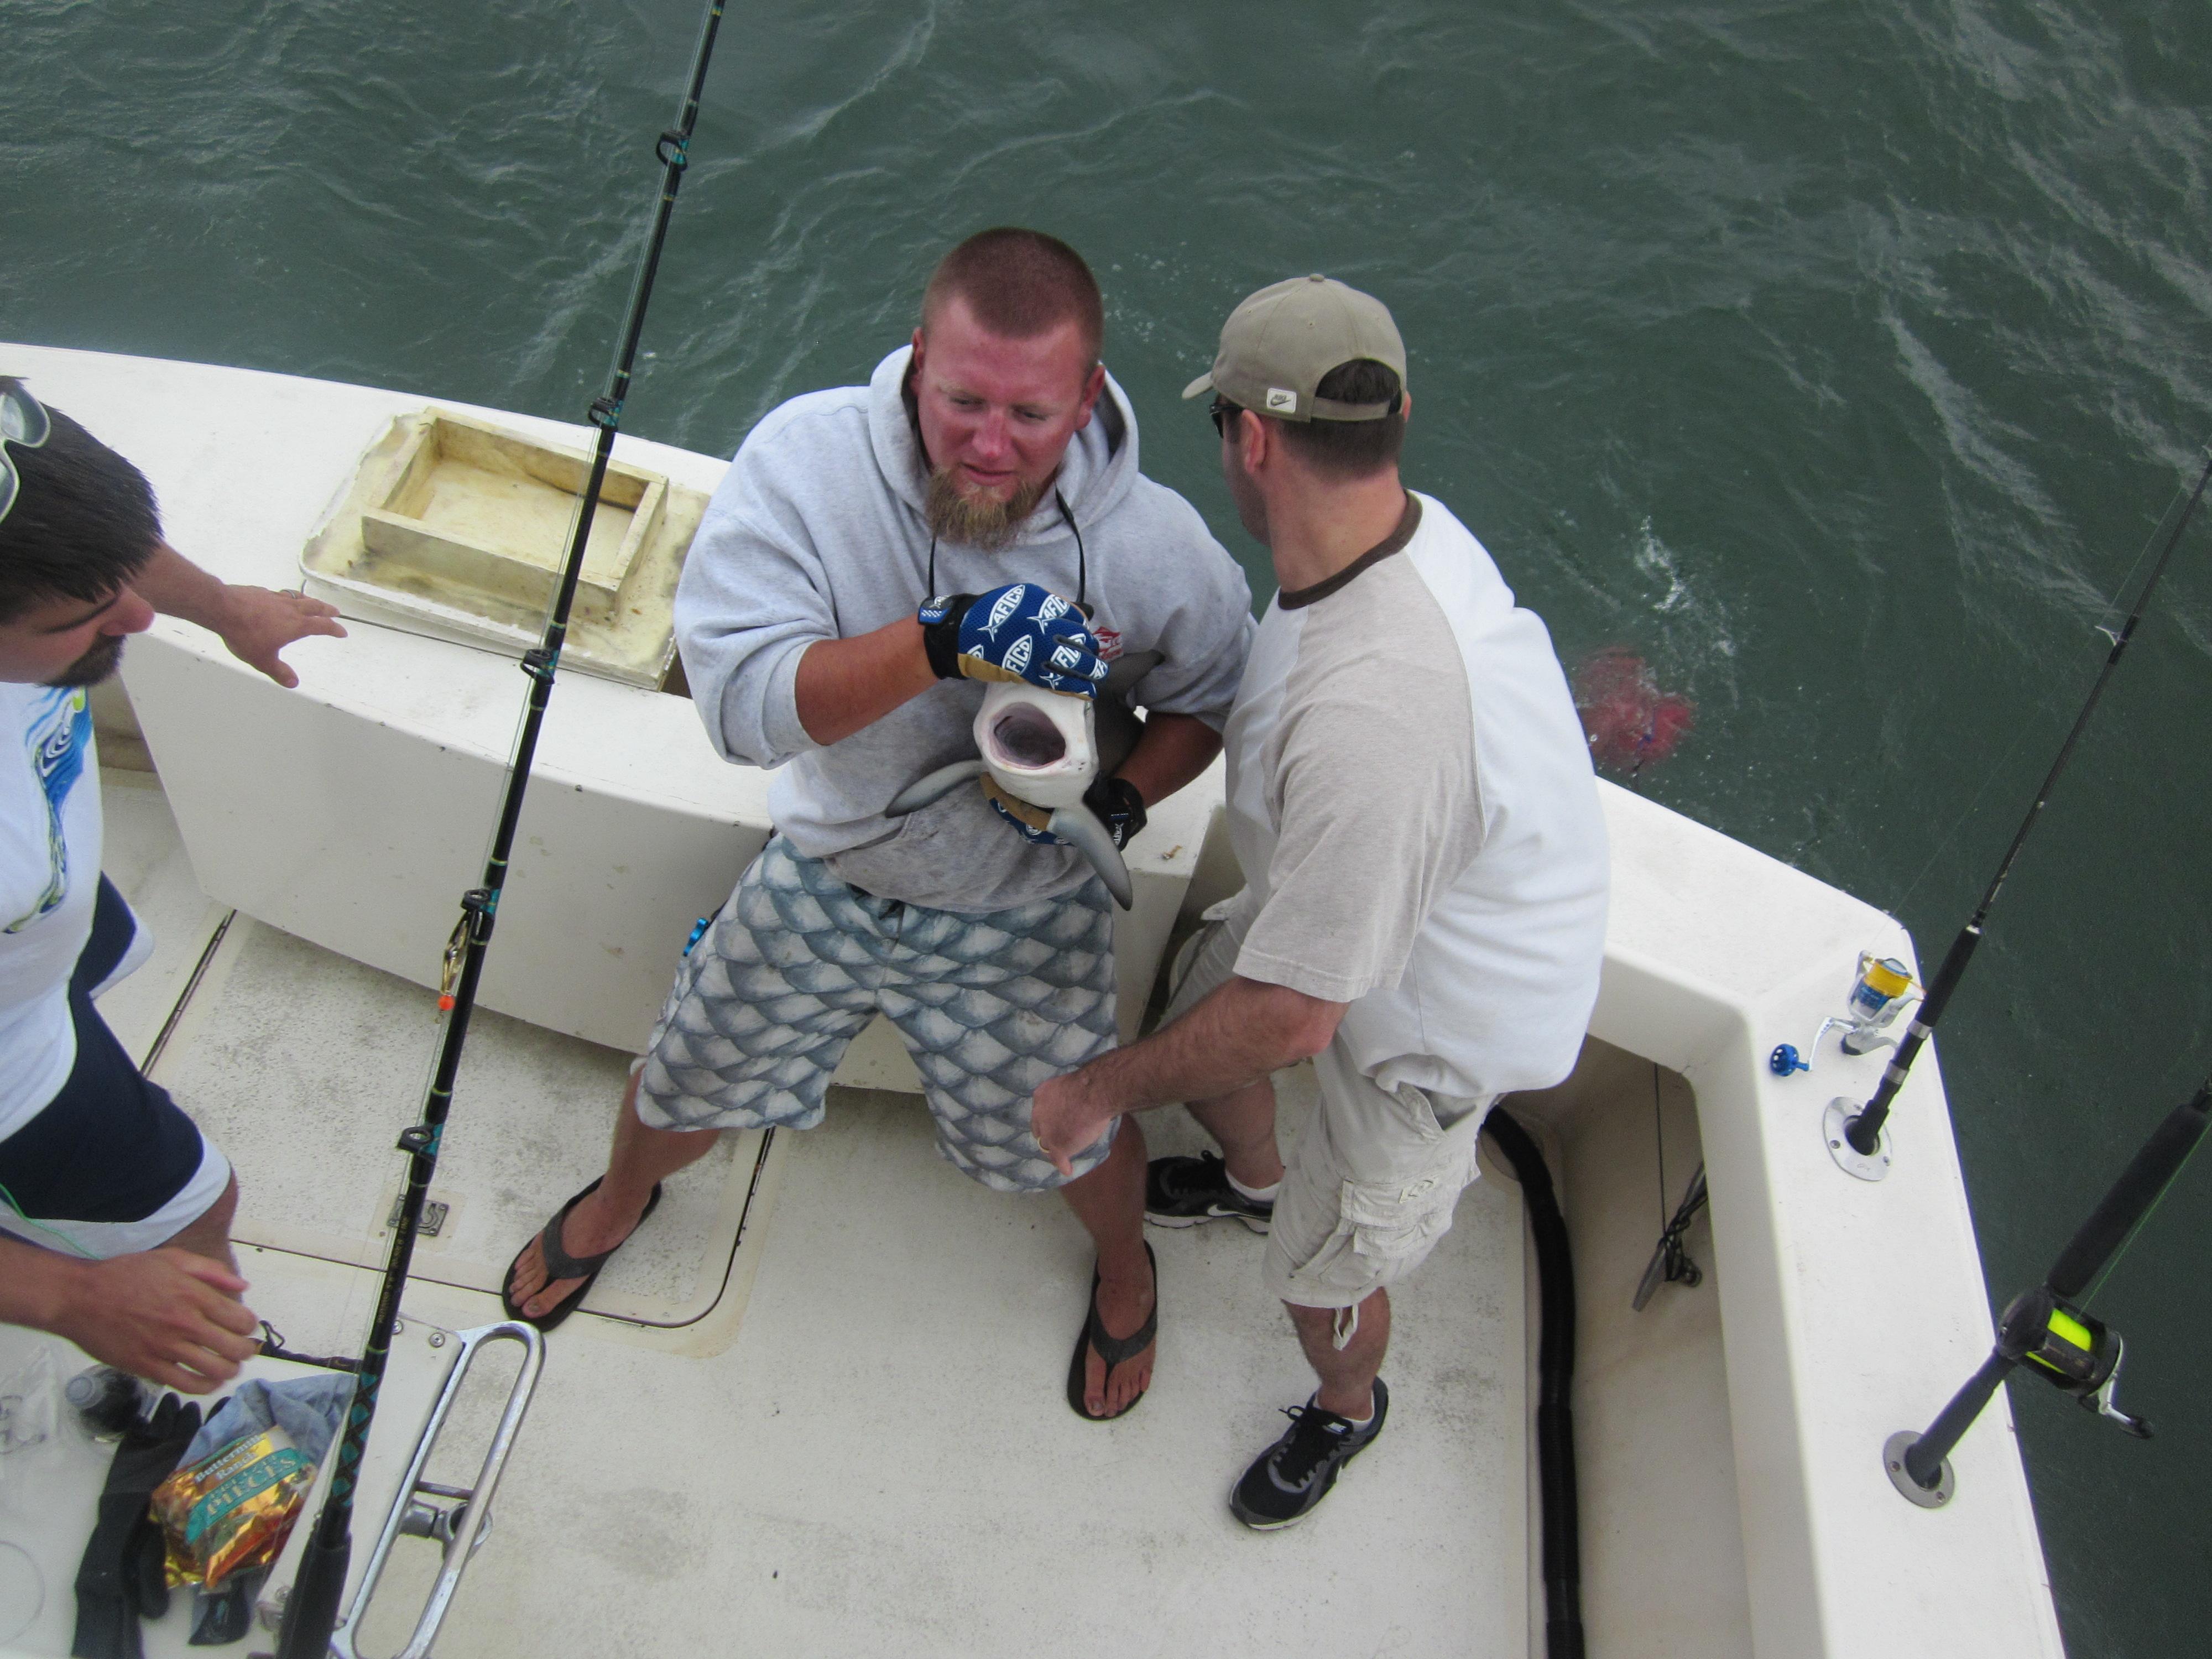 IMG_0065 - Virginia Beach Fishing - AquaMan Sportfishing ...